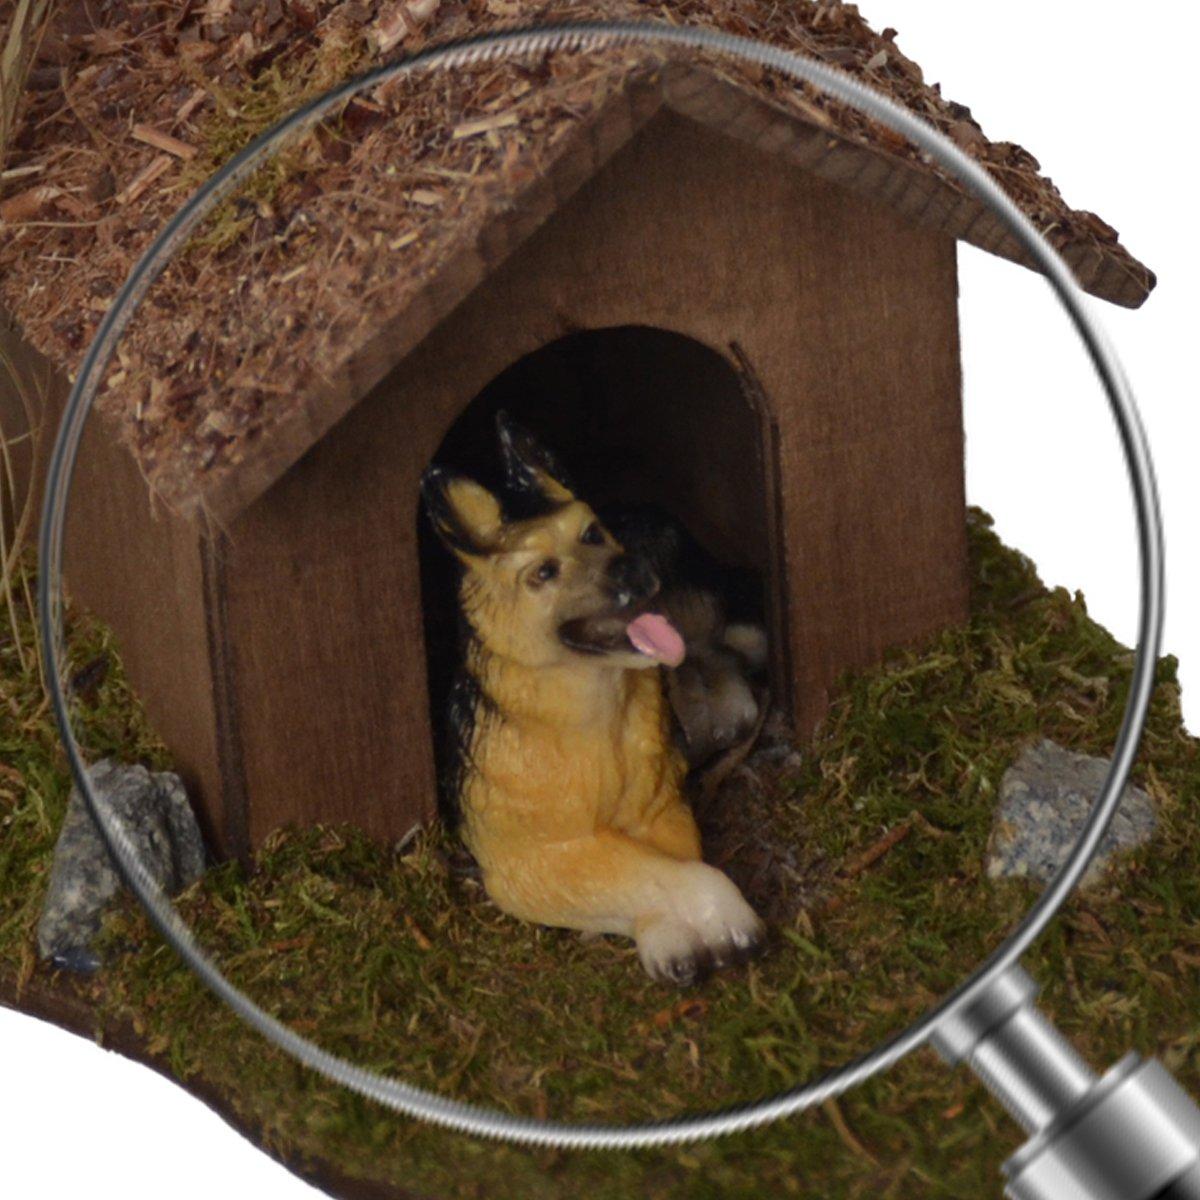 Alfred Kolbe Krippen AM 19 - Accesorios para belén (caseta de perro con arbusto y perro sentado, 13 x 15 x 9 cm, para figuras de 12-15 cm): Amazon.es: Hogar